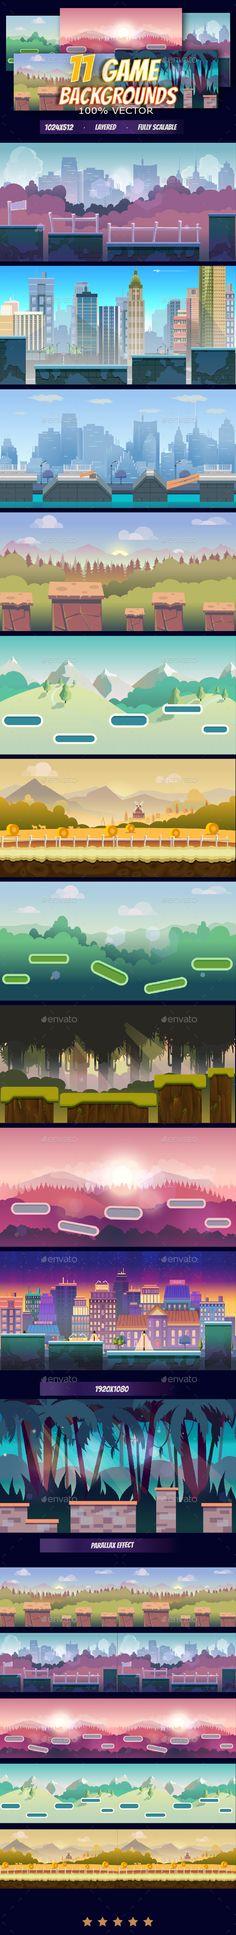 11 Game Backgrounds Pack III Download here: https://graphicriver.net/item/11-game-backgrounds-pack-iii/19351845?ref=KlitVogli